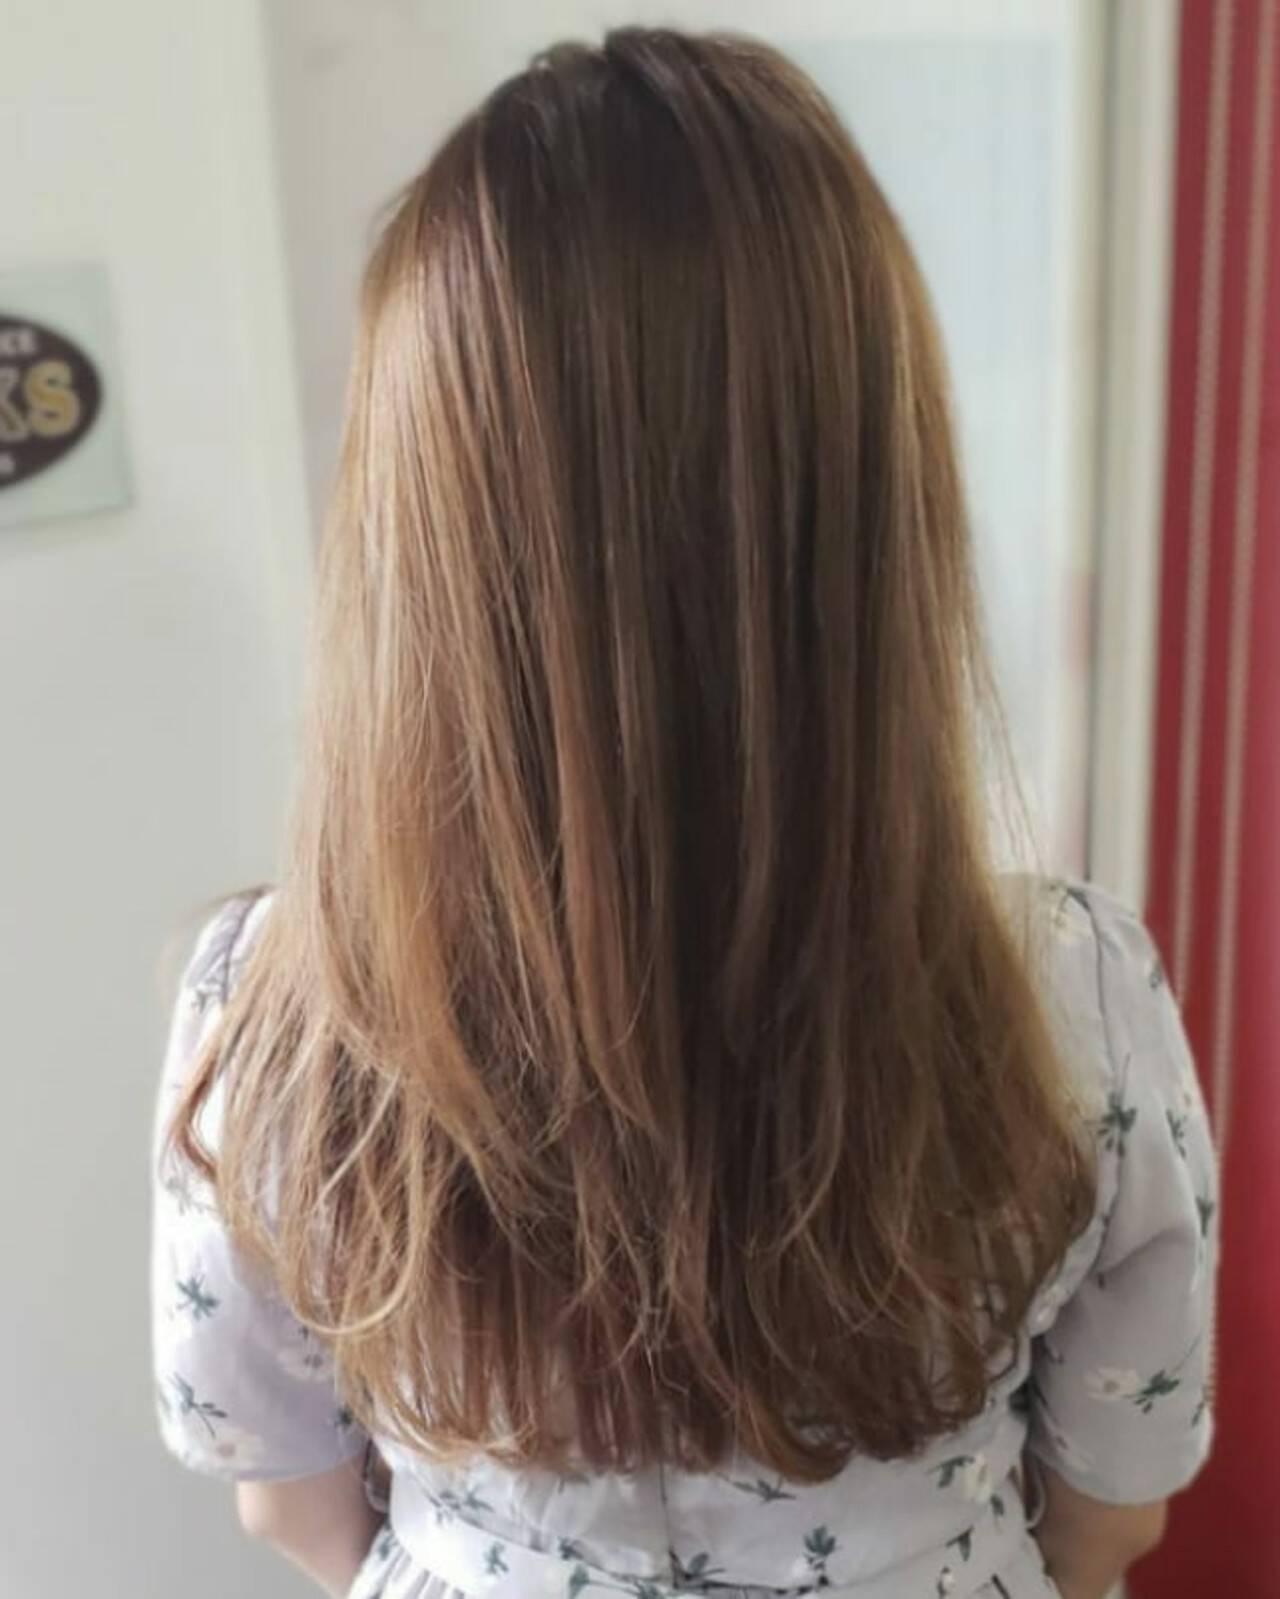 イルミナカラー ナチュラル セミロング ブラウンヘアスタイルや髪型の写真・画像